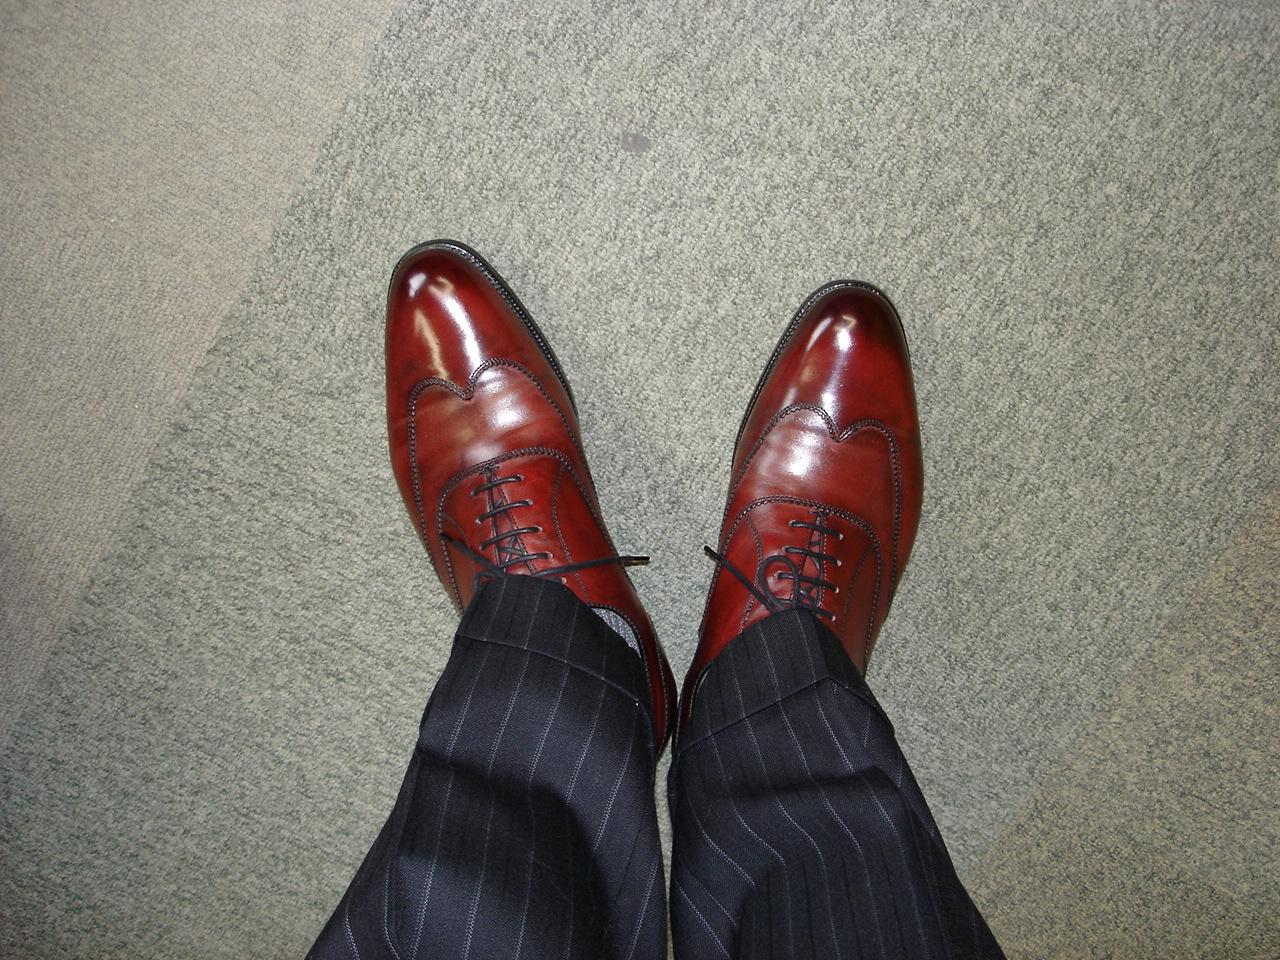 足元を見る 足元を見られる の意味や由来とは 歴史 由来 意味の雑学